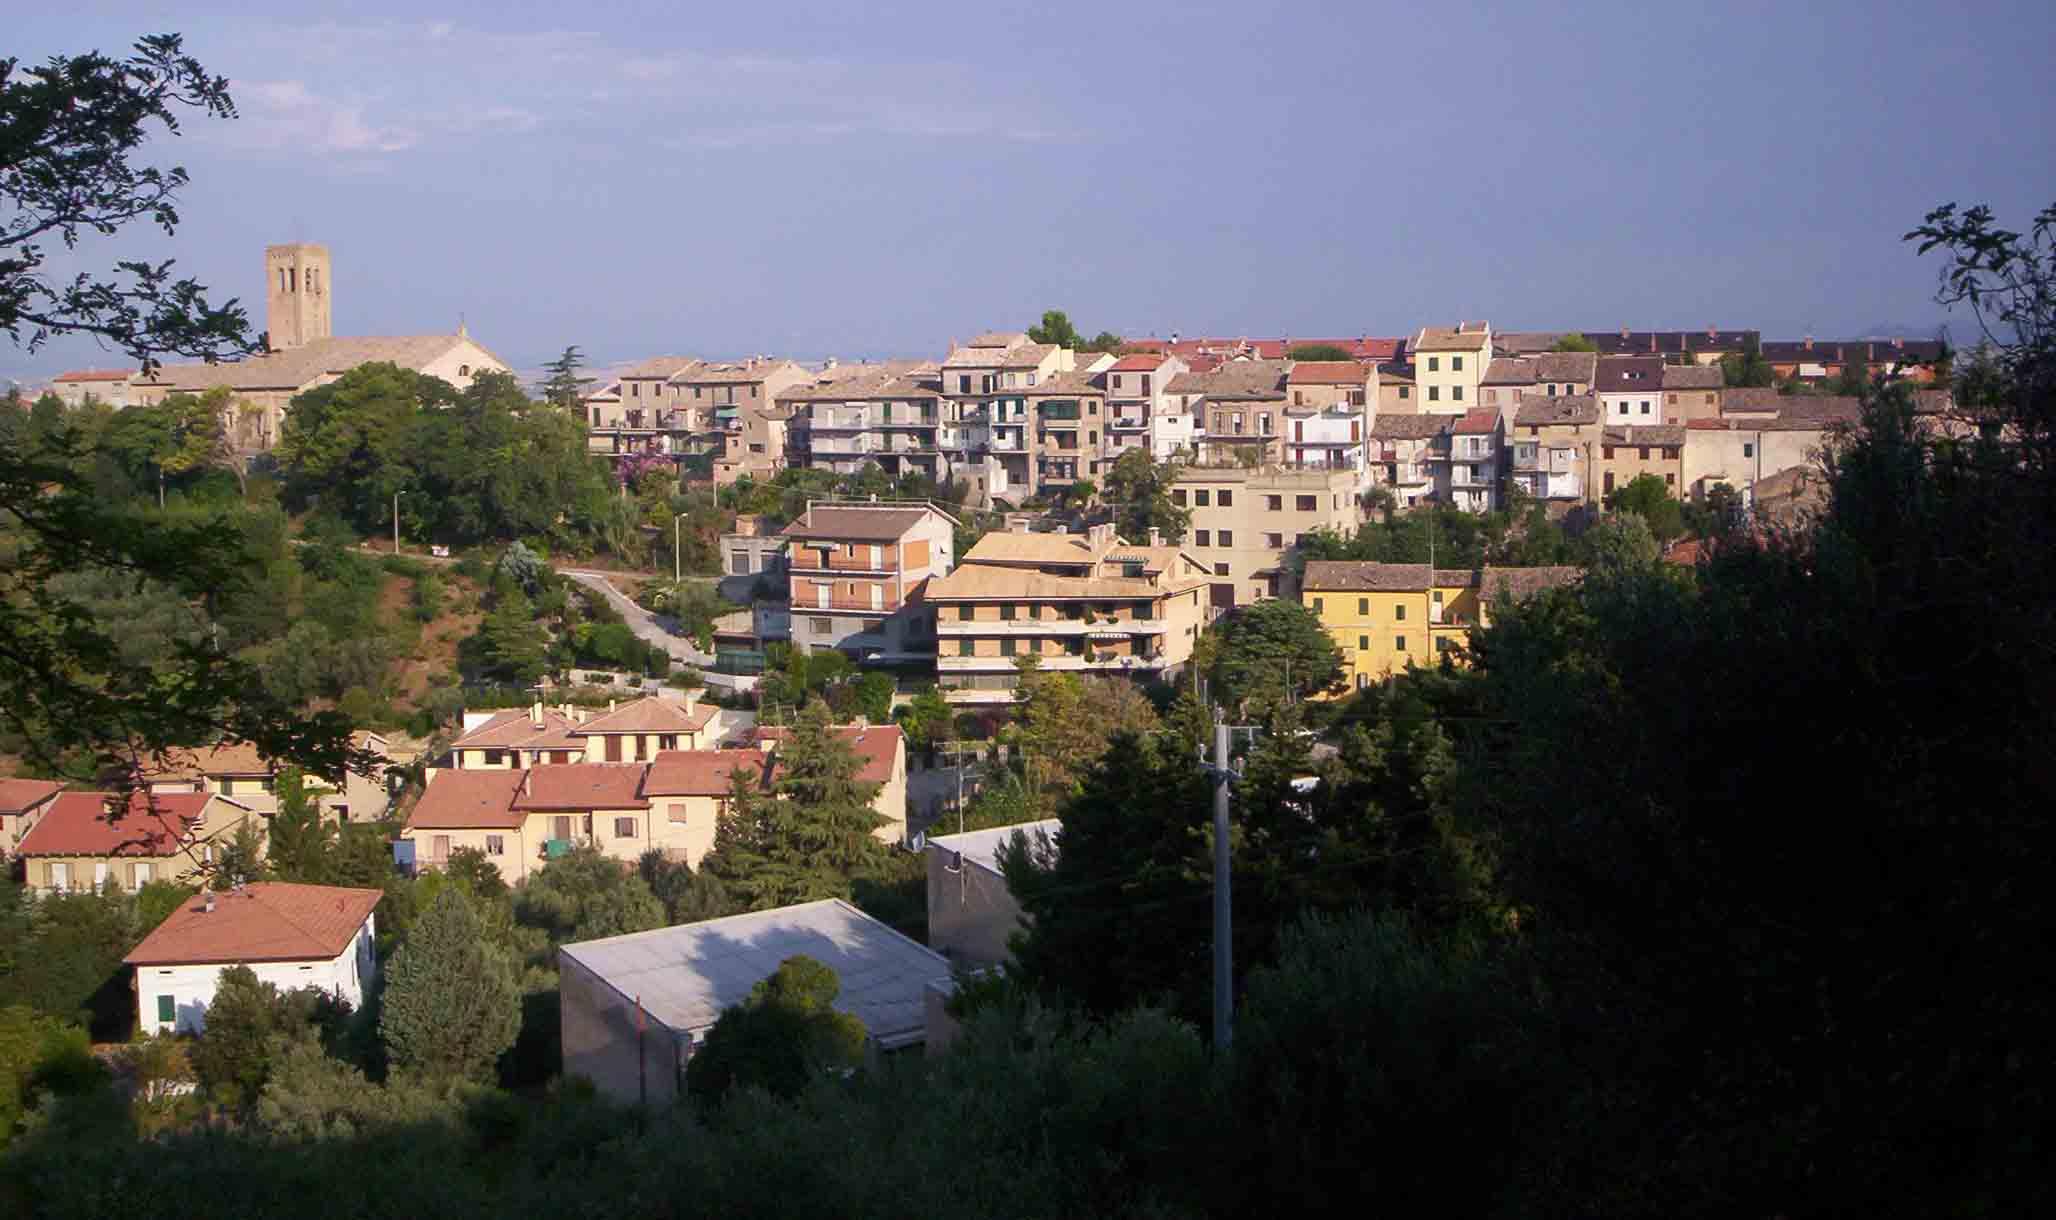 Nuova illuminazione vie storiche di Castelnuovo